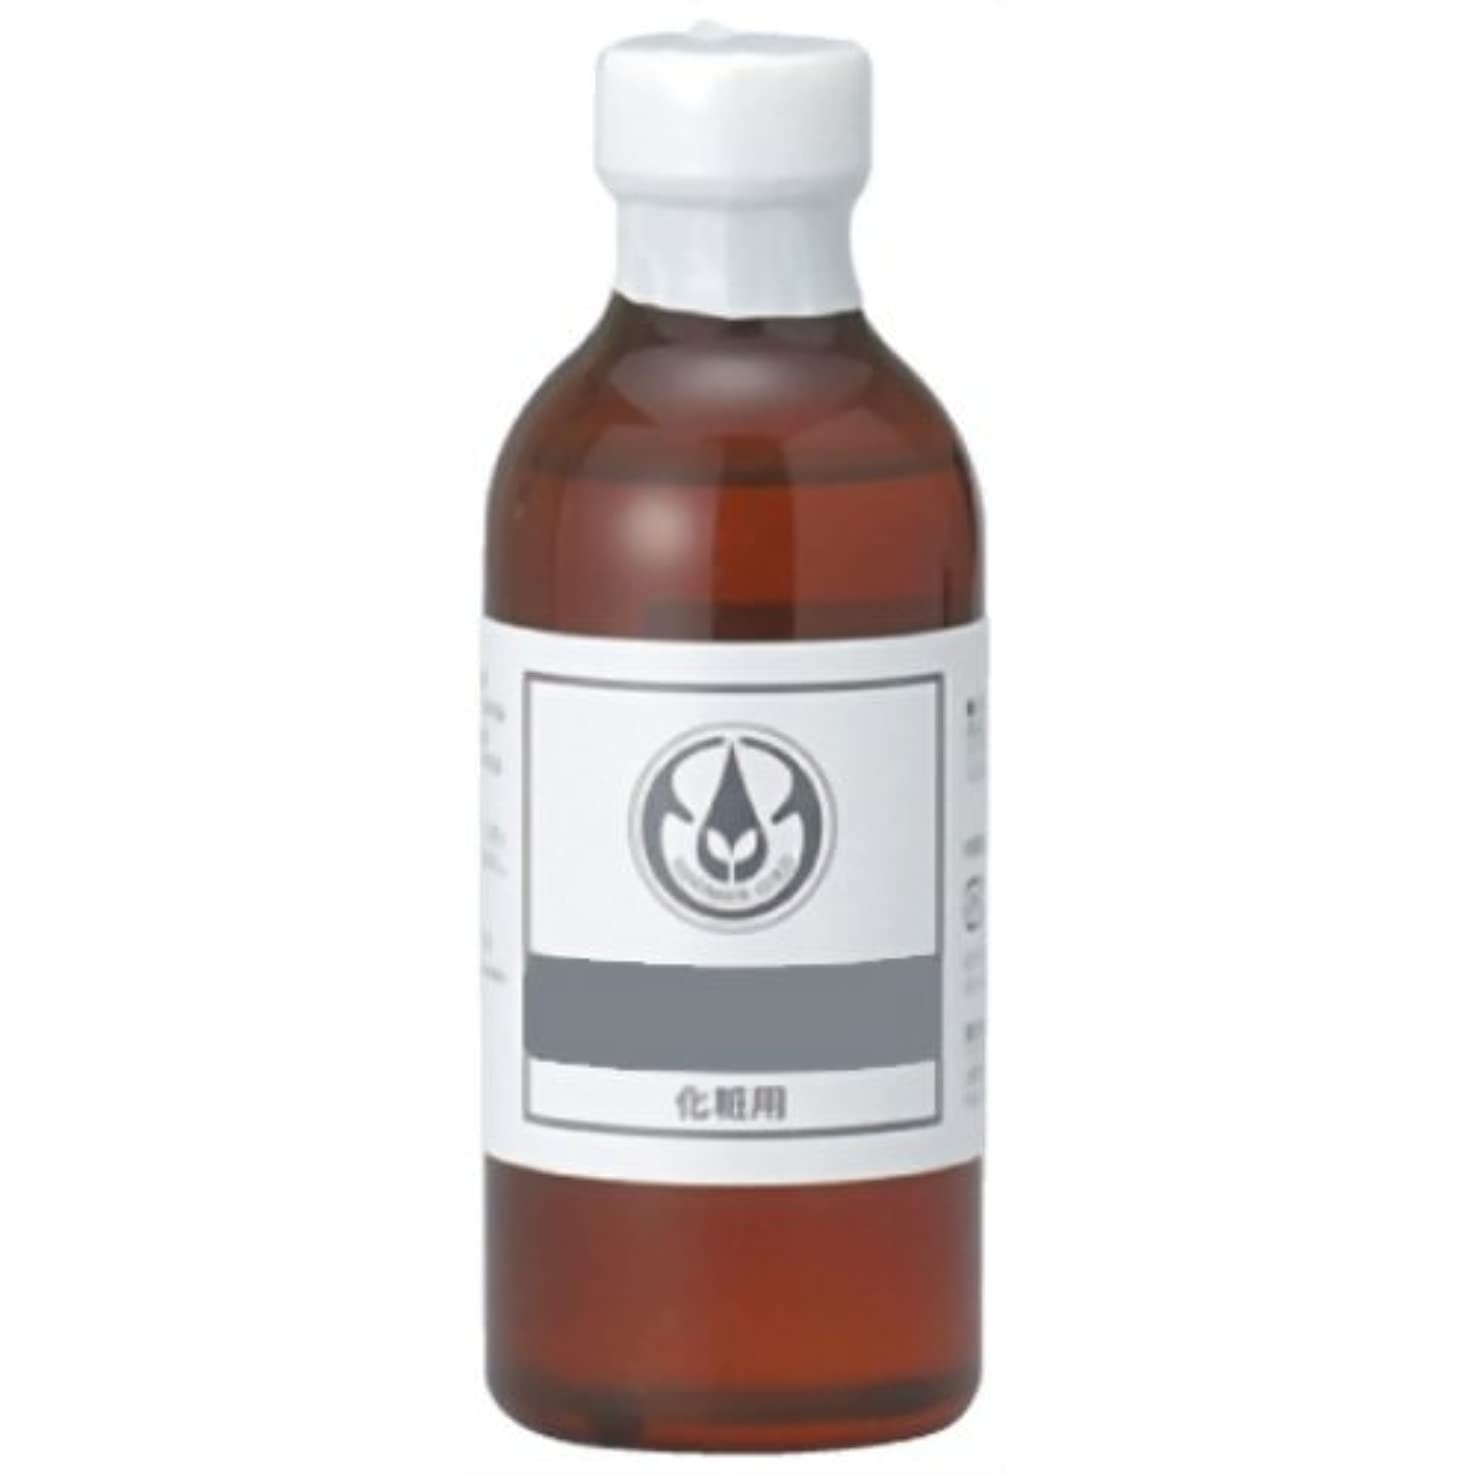 悪用離れた慢な生活の木 ホホバ油 (クリア) 250ml